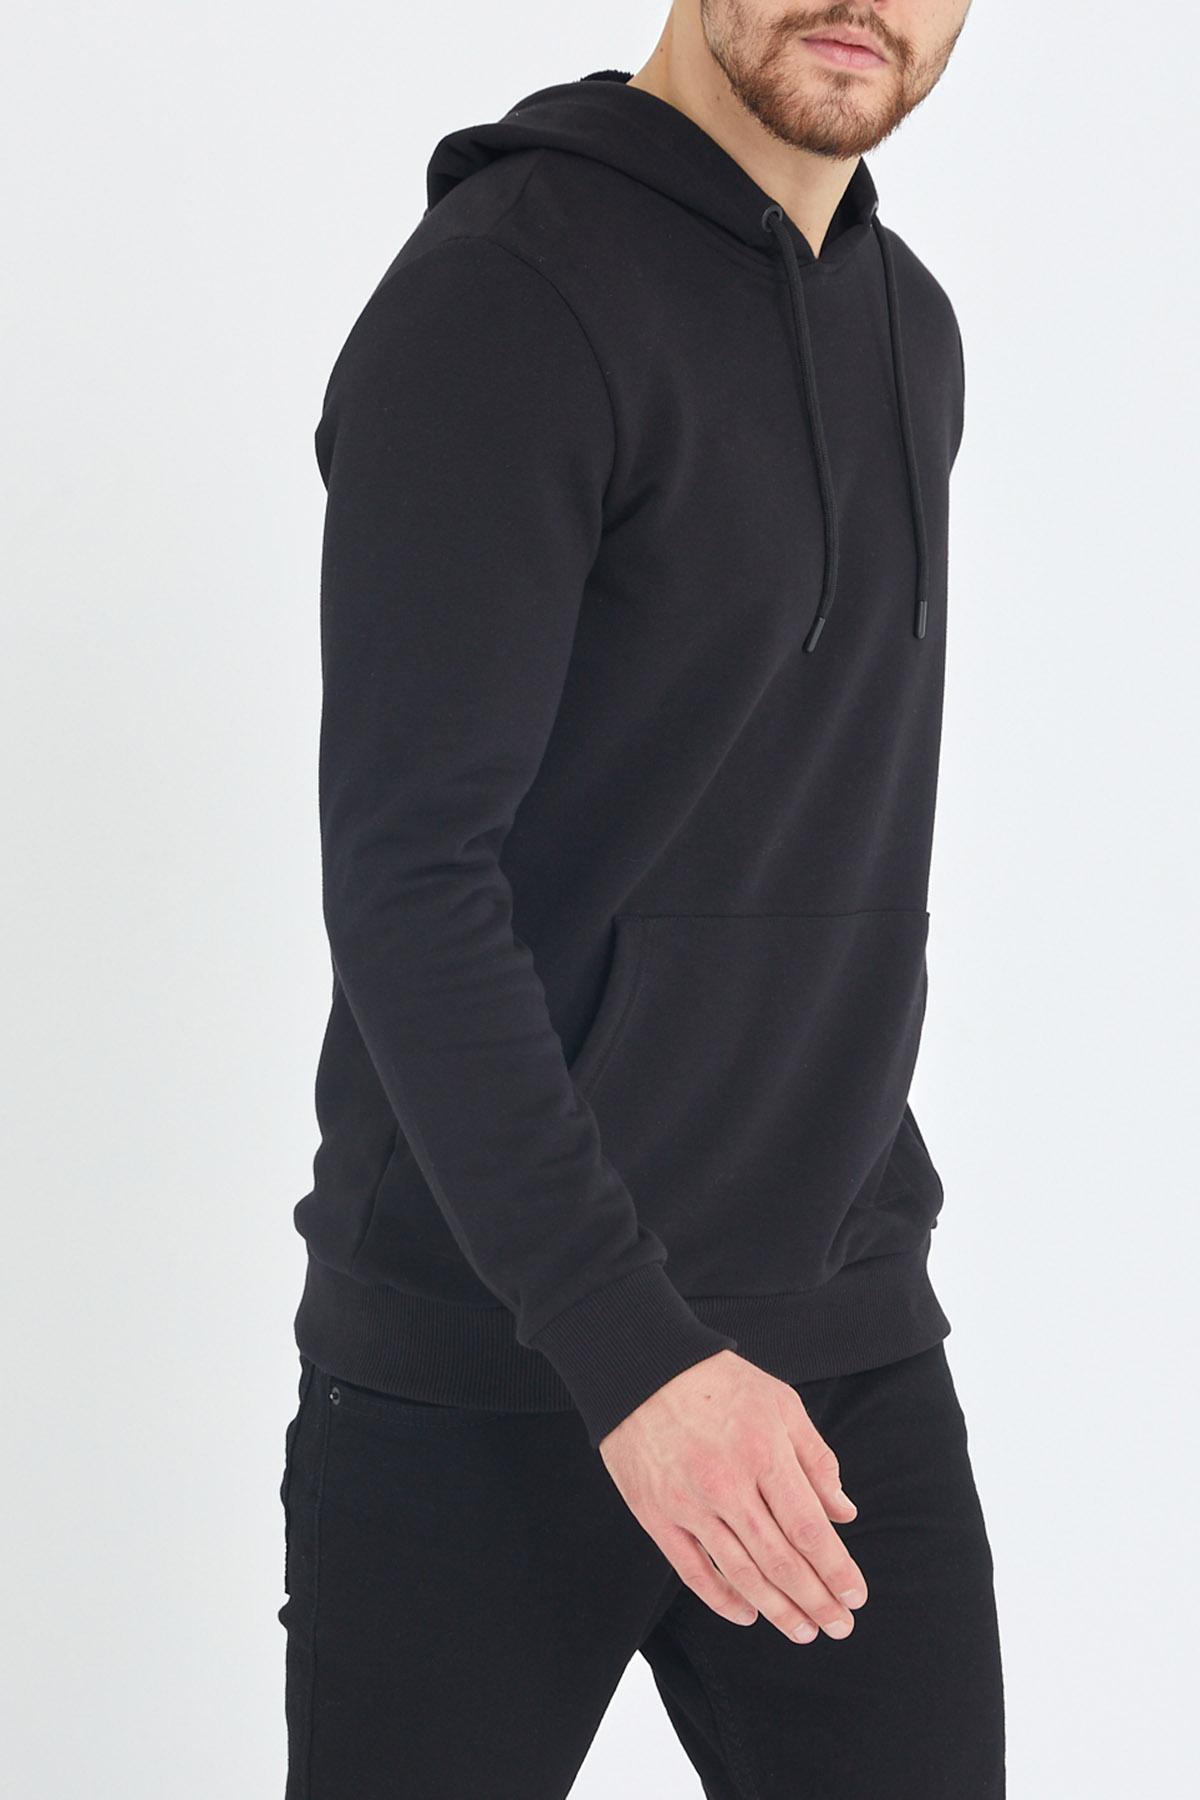 XHAN - Siyah Kapüşonlu Kanguru Cepli Yumuşak Dokulu Sweatshirt 1KXE8-44483-02